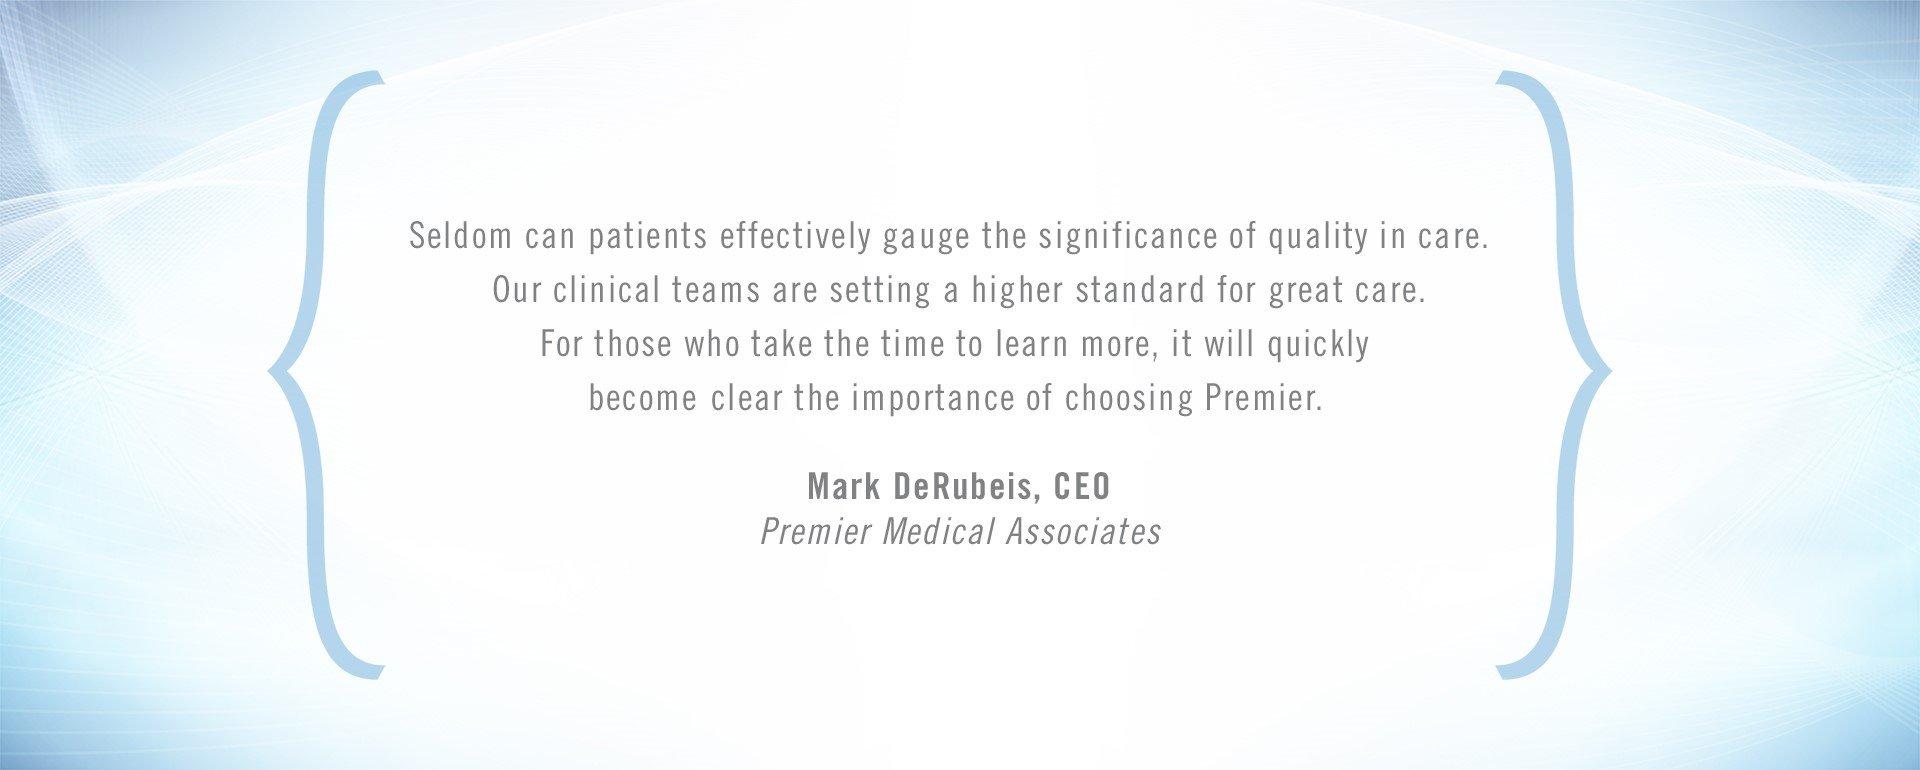 Mark DeRubeis Quote